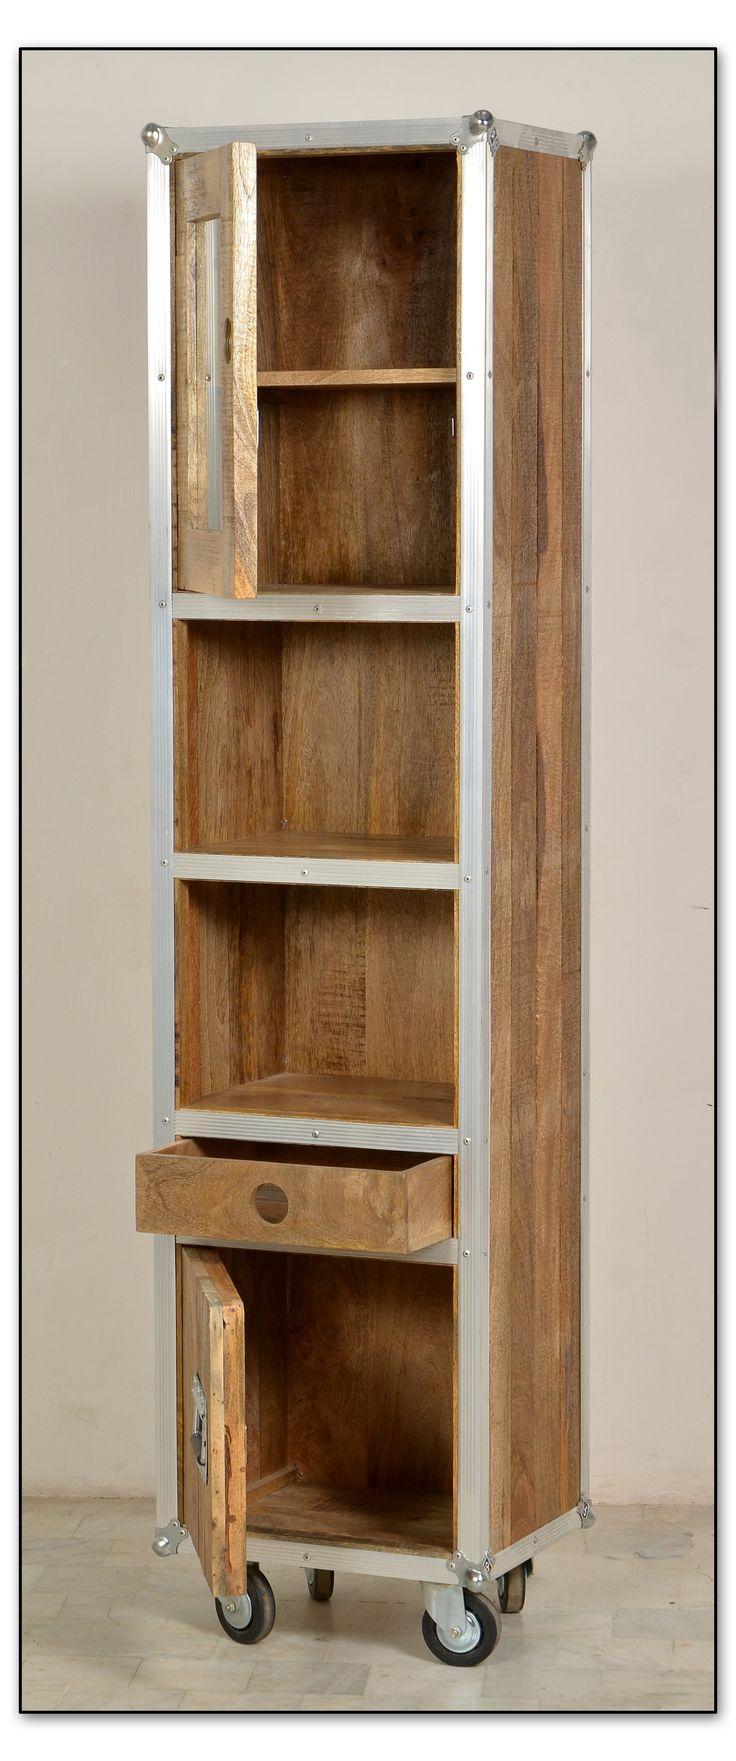 die besten 25+ badezimmerschrank holz ideen auf pinterest ... - Badezimmer Hochschrank Holz